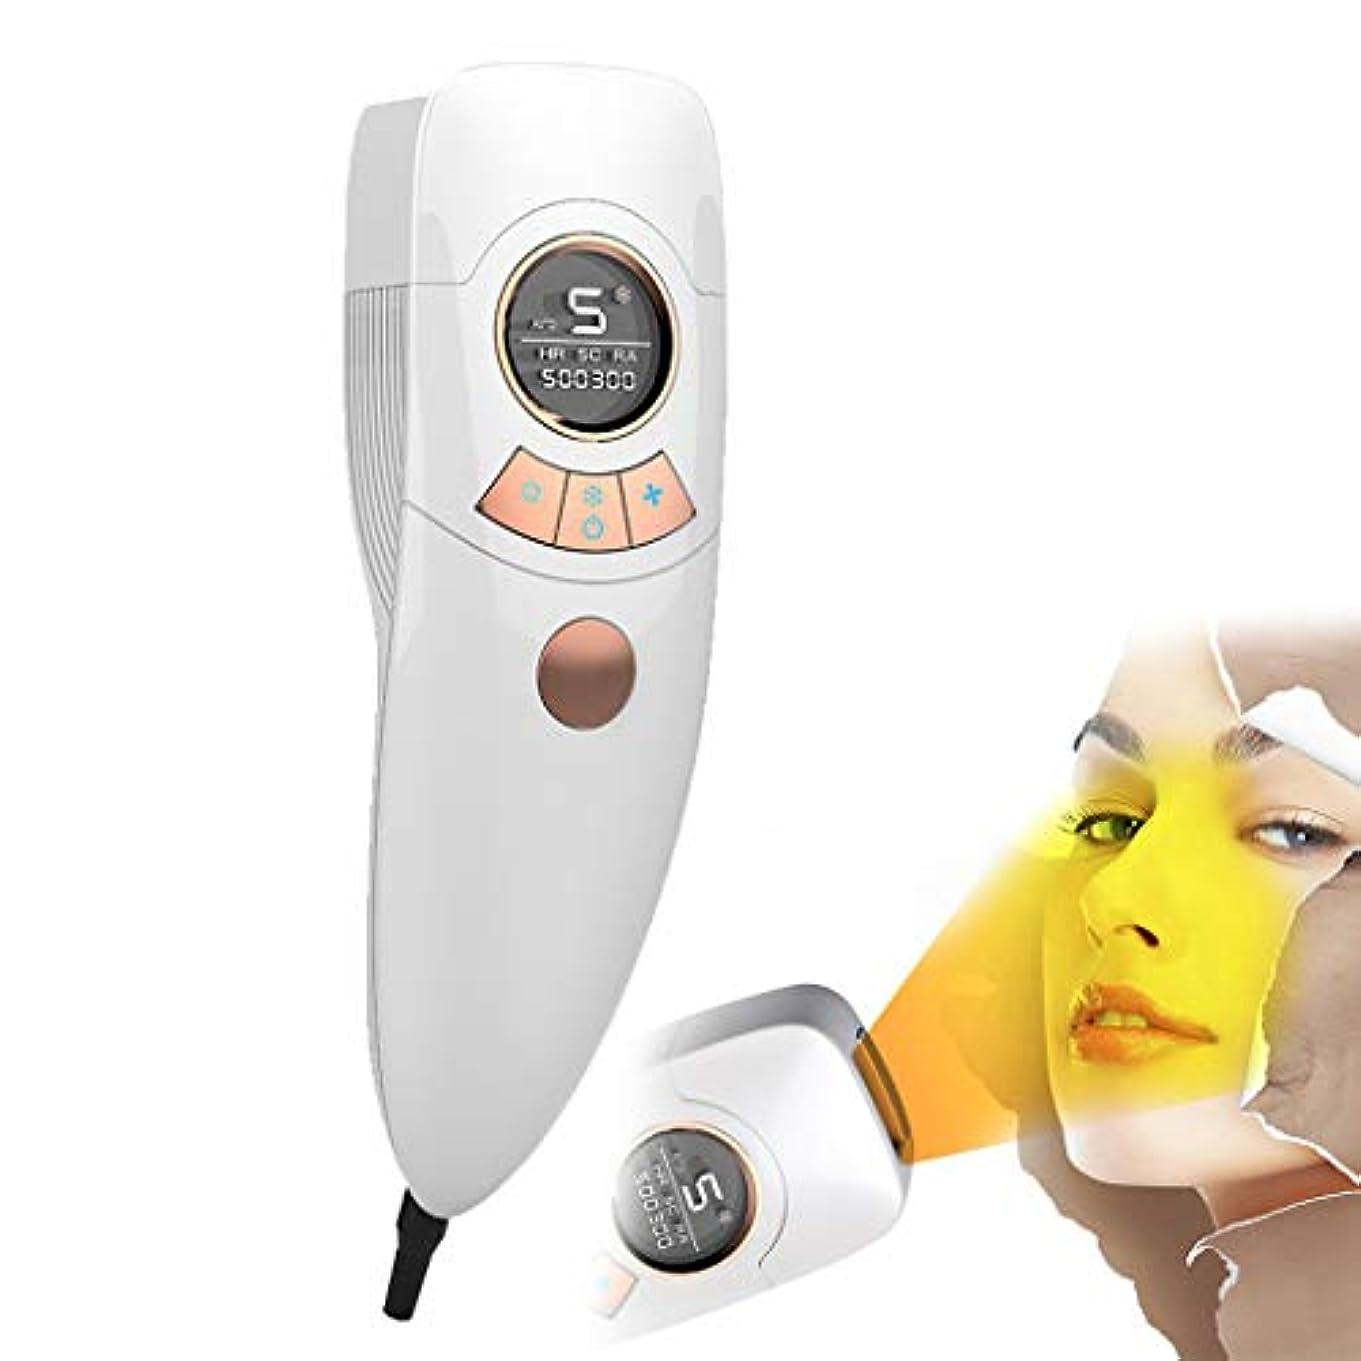 ローン威信精巧な電気脱毛装置は痛みがありません女性4で1充電式電気脱毛器の髪、ビキニエリア鼻脇の下腕の脚の痛みのない永久的な体毛リムーバー-White